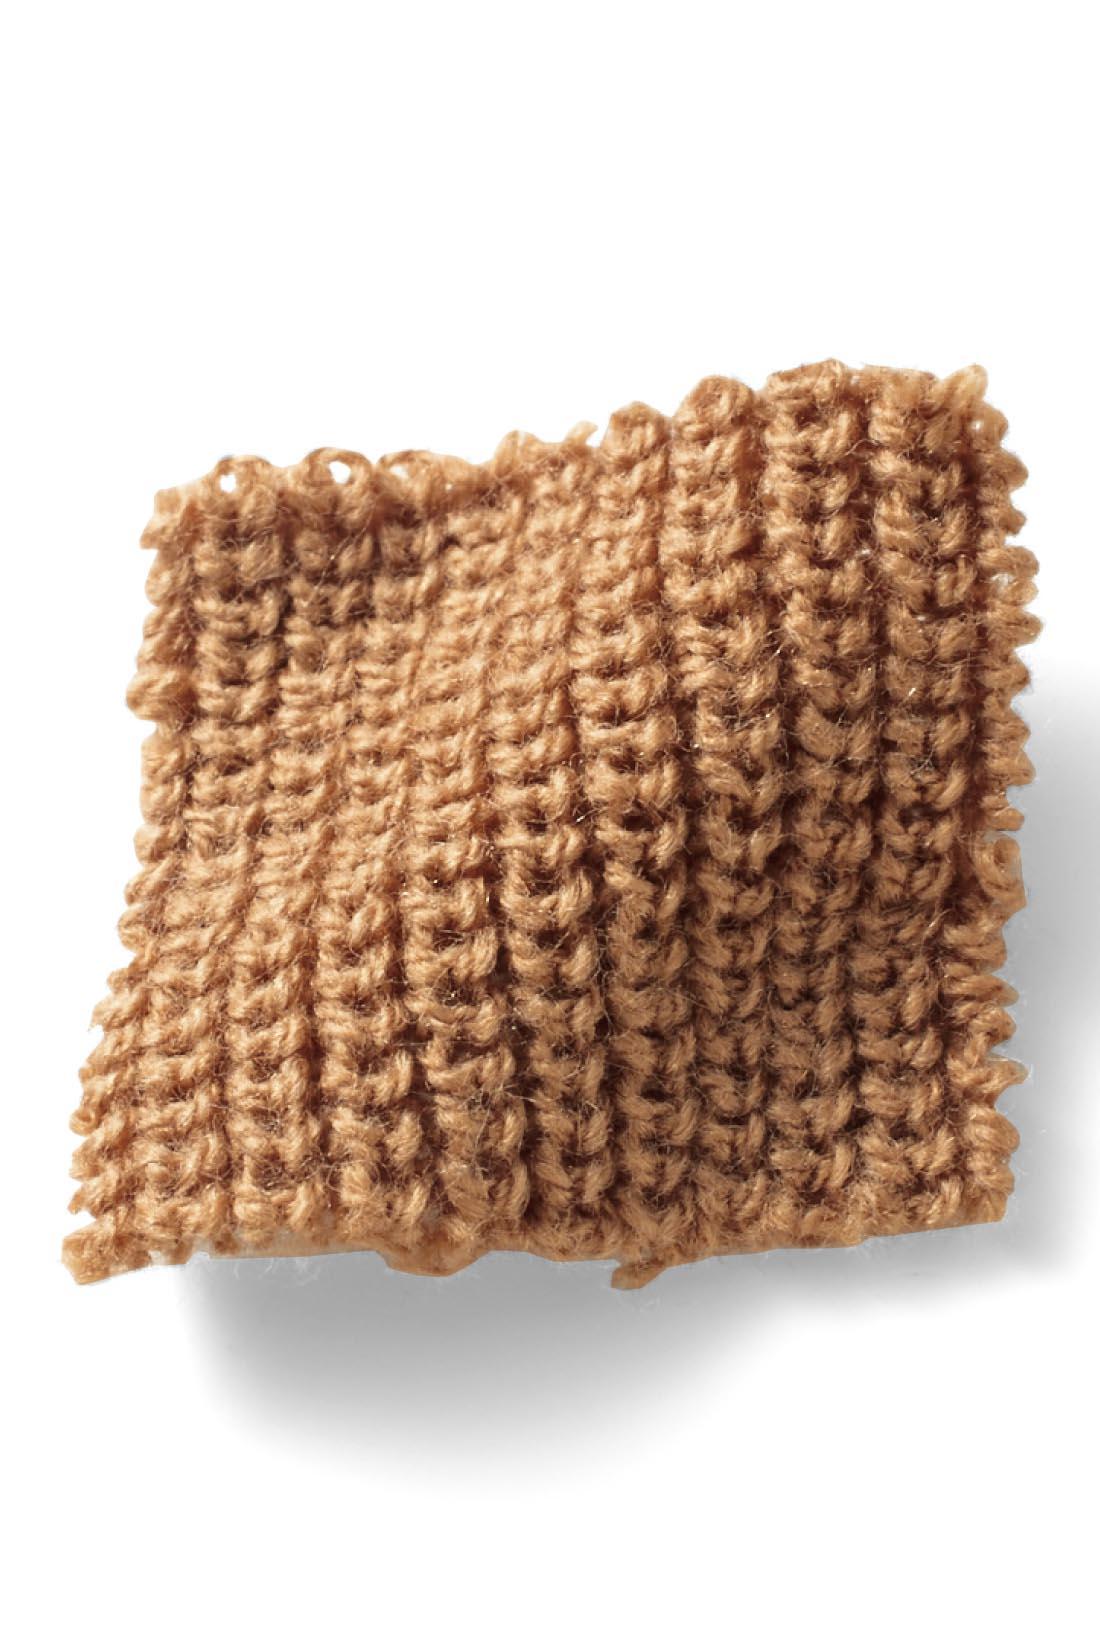 肌心地のいい綿混素材を、スラリと縦長の印象をつくるあぜ編みに。